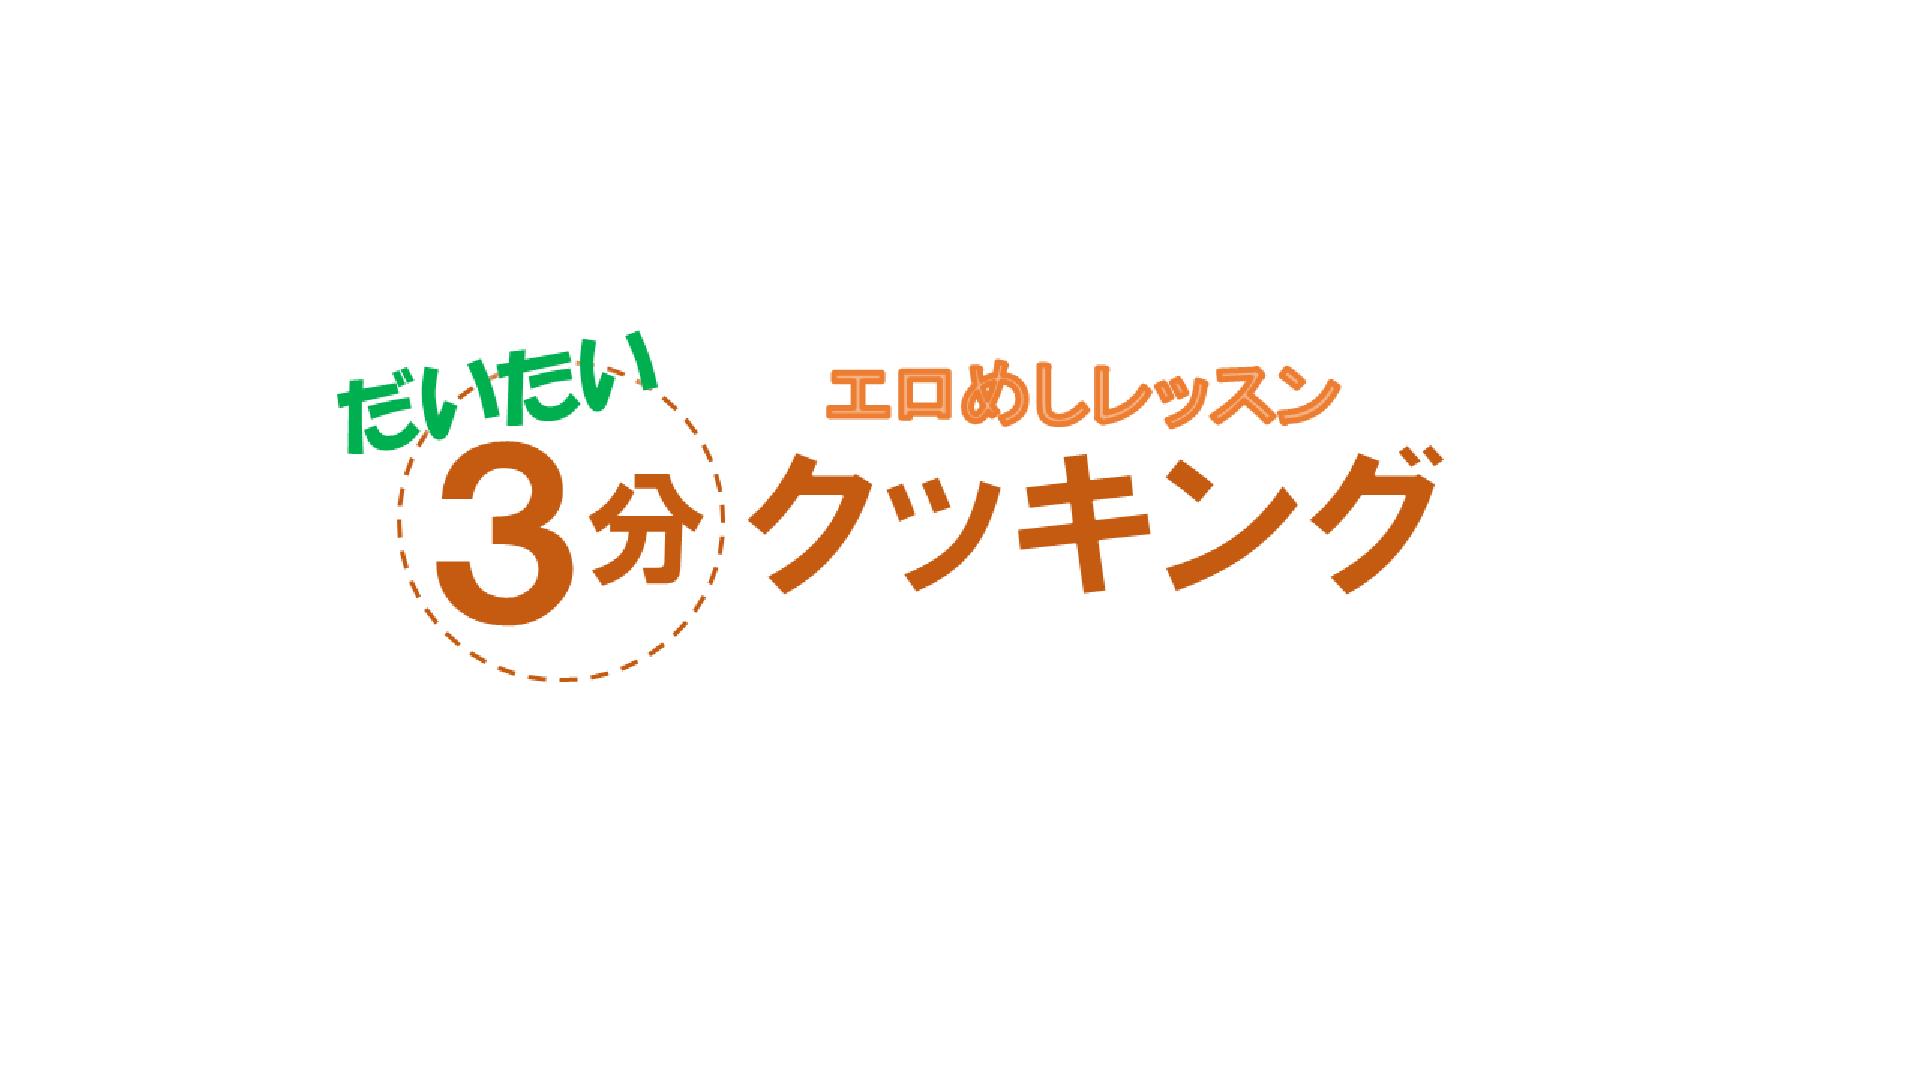 エロめしレッスン だいたい3分クッキング Vol.4